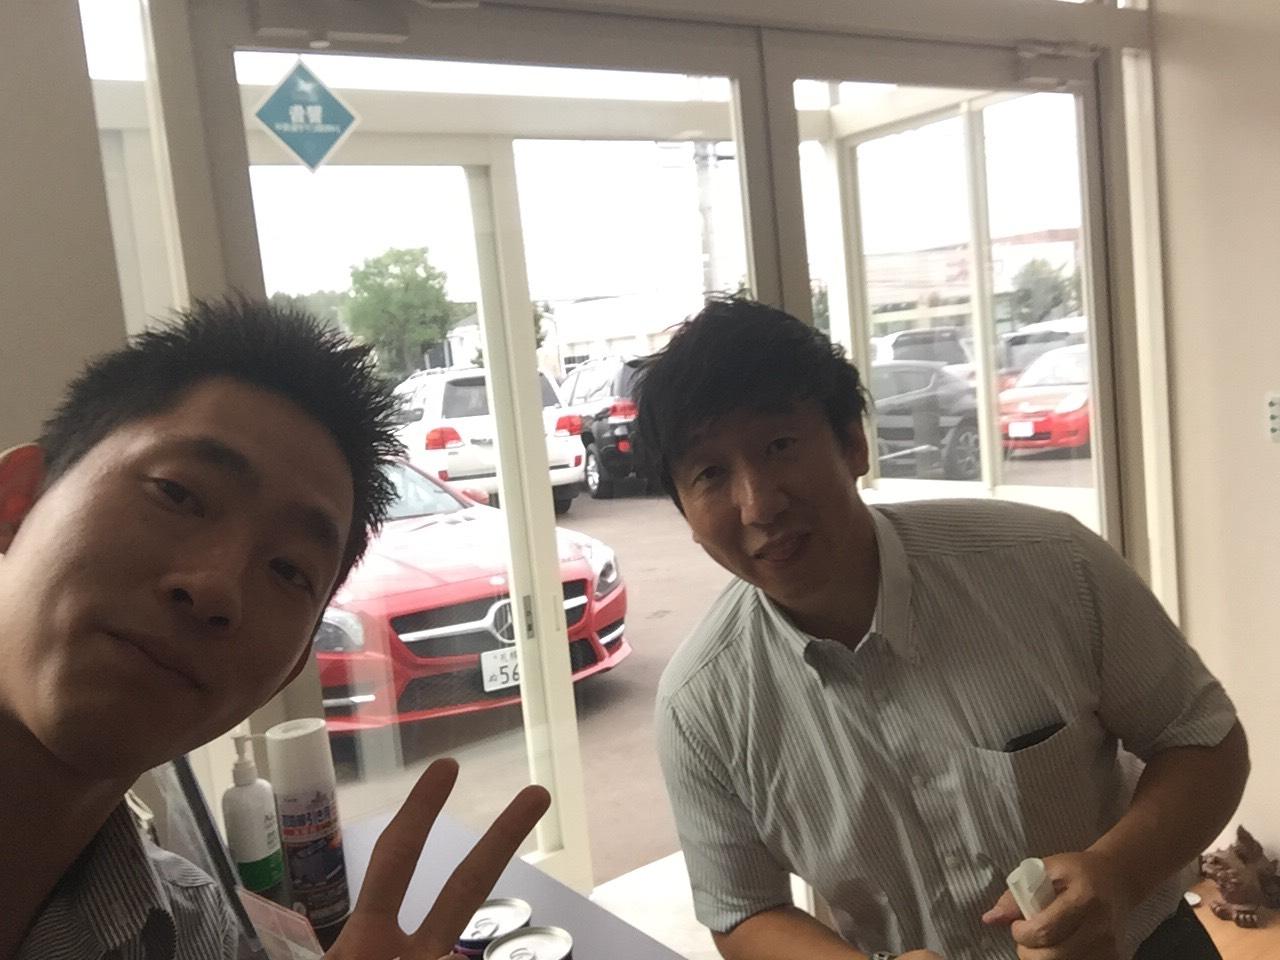 8月30日 水曜日のひとログヽ( 'ω' )ノ キャンピングカー・バスもレンタルできます♬TOMMY_b0127002_17595939.jpg